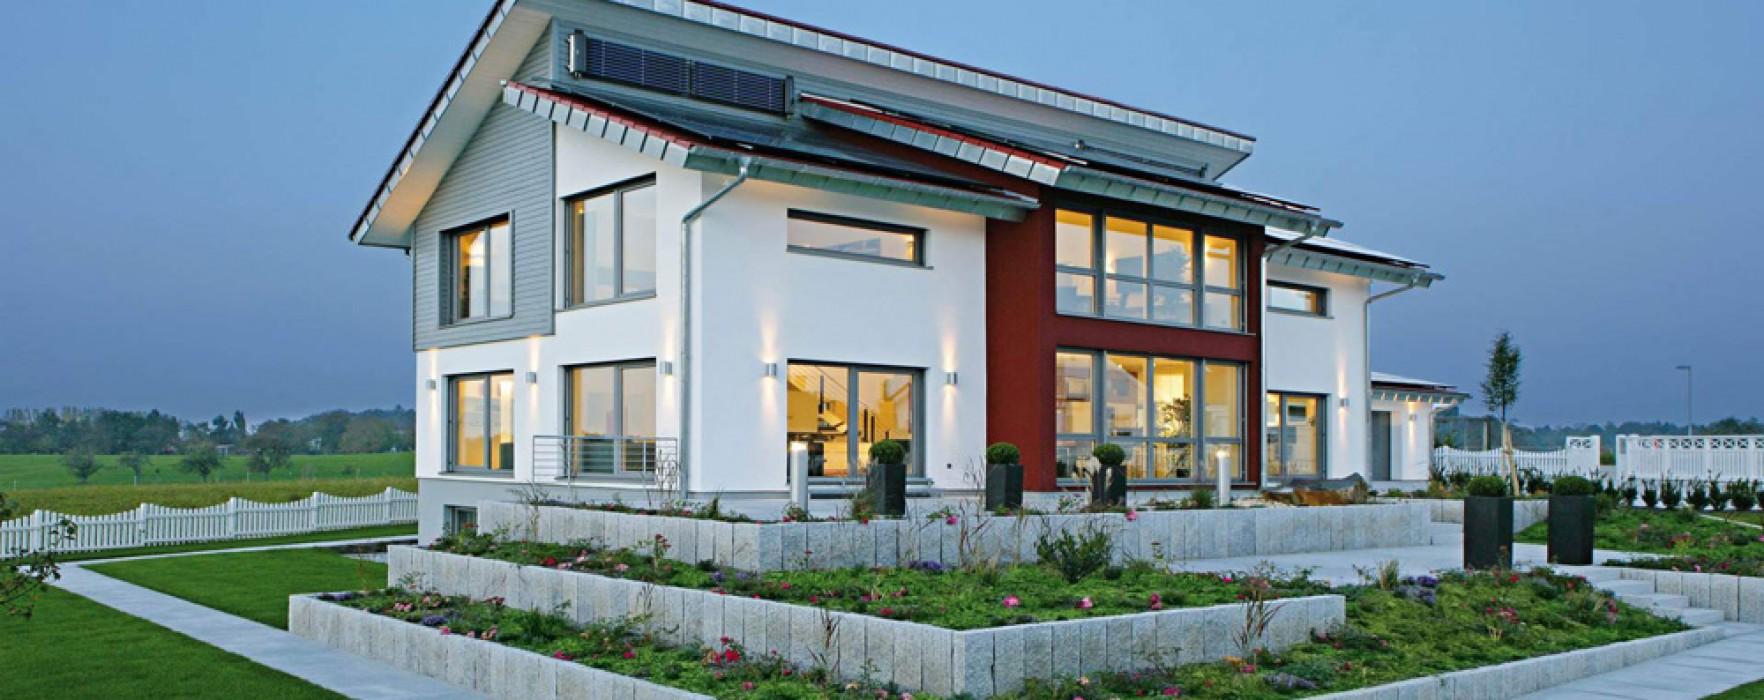 Camino e ventilazione in una casa di legno for Comprare una casa di legno